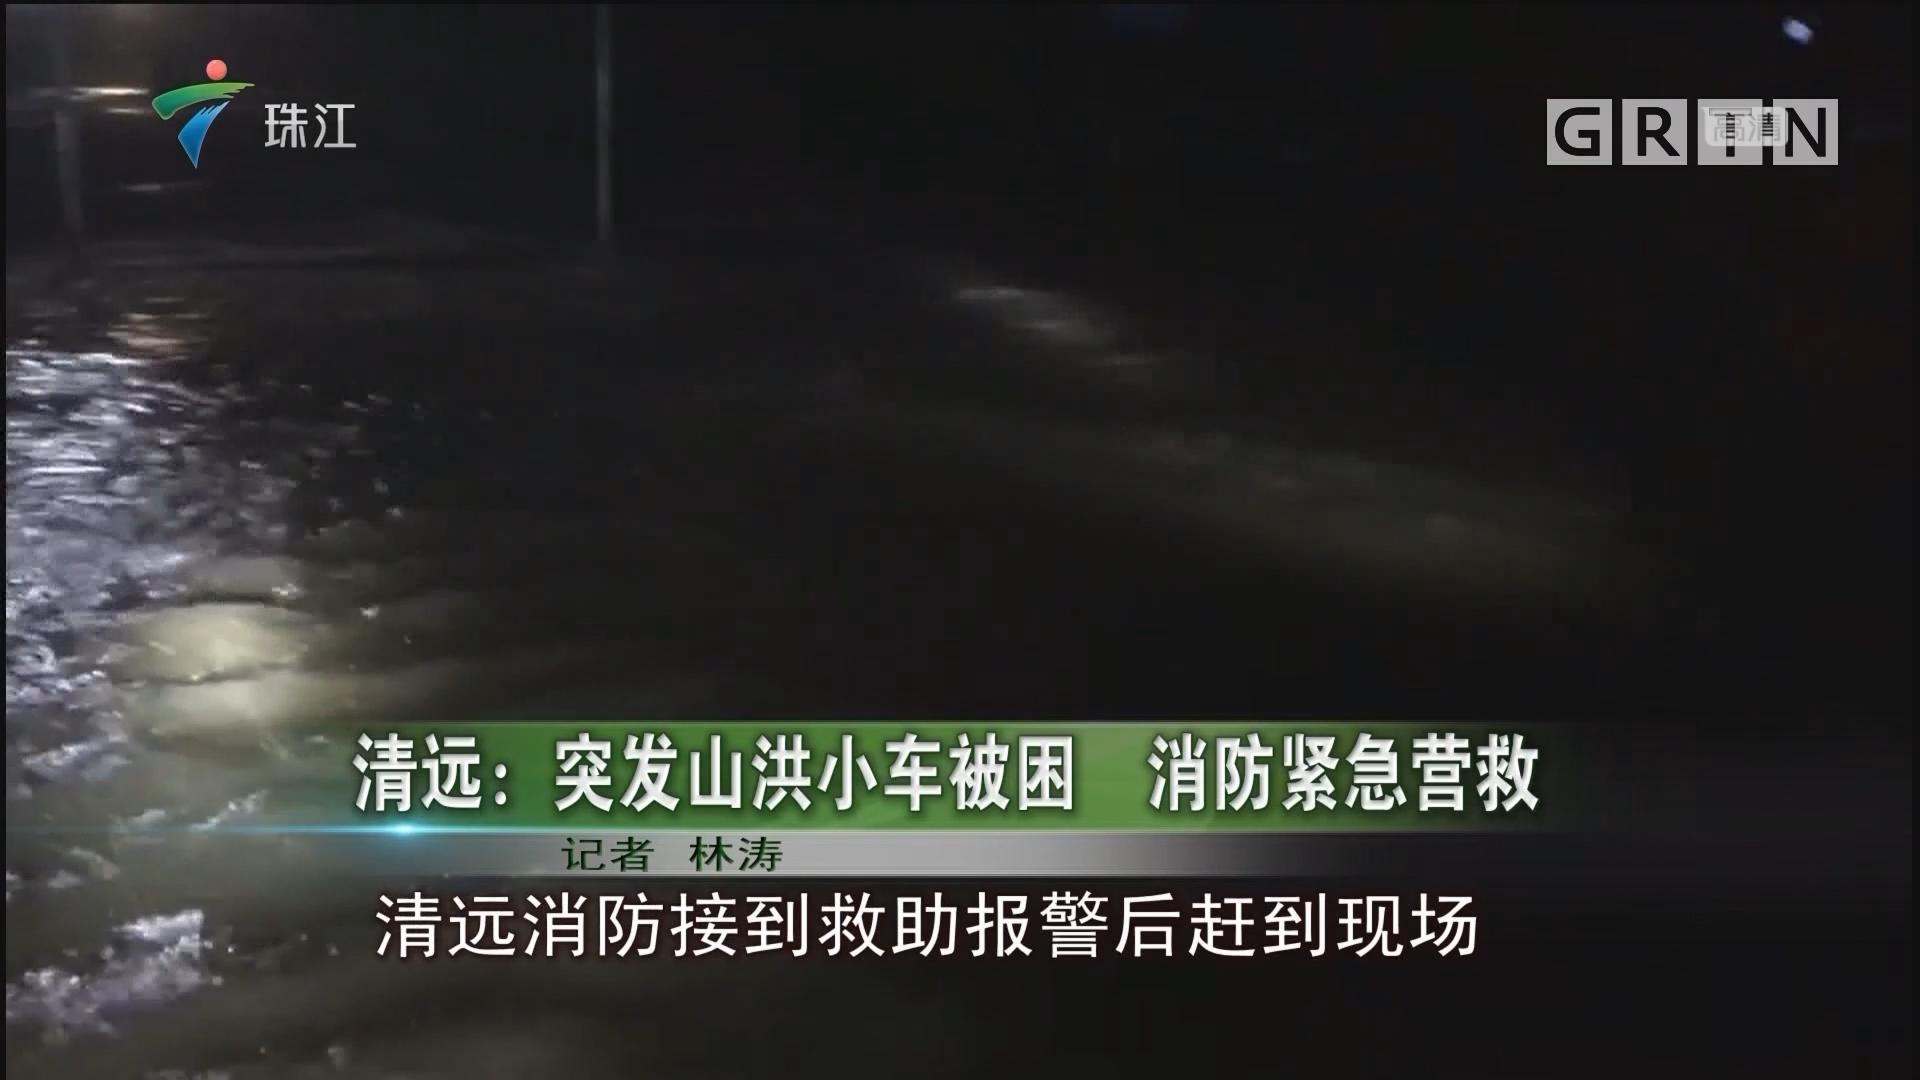 清远:突发山洪小车被困 消防紧急营救